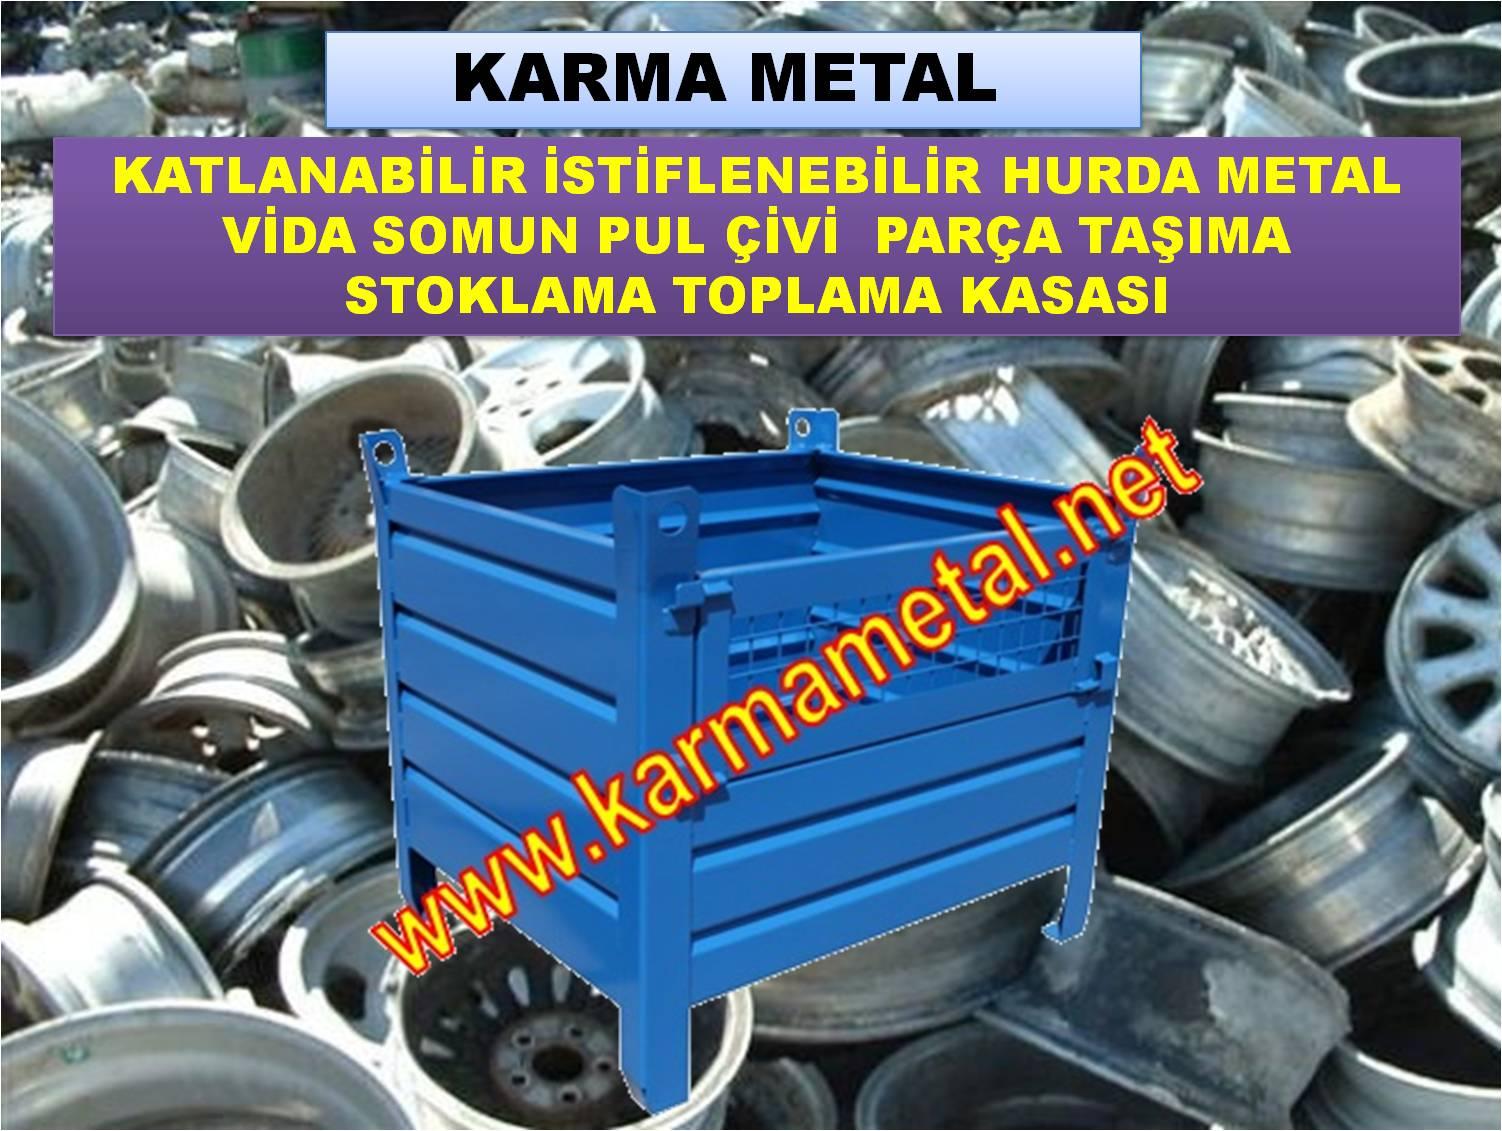 katlanabilir_istiflenebilir_metal_tasima_kasasi_kasalari_fiyati_sandiklari (14)